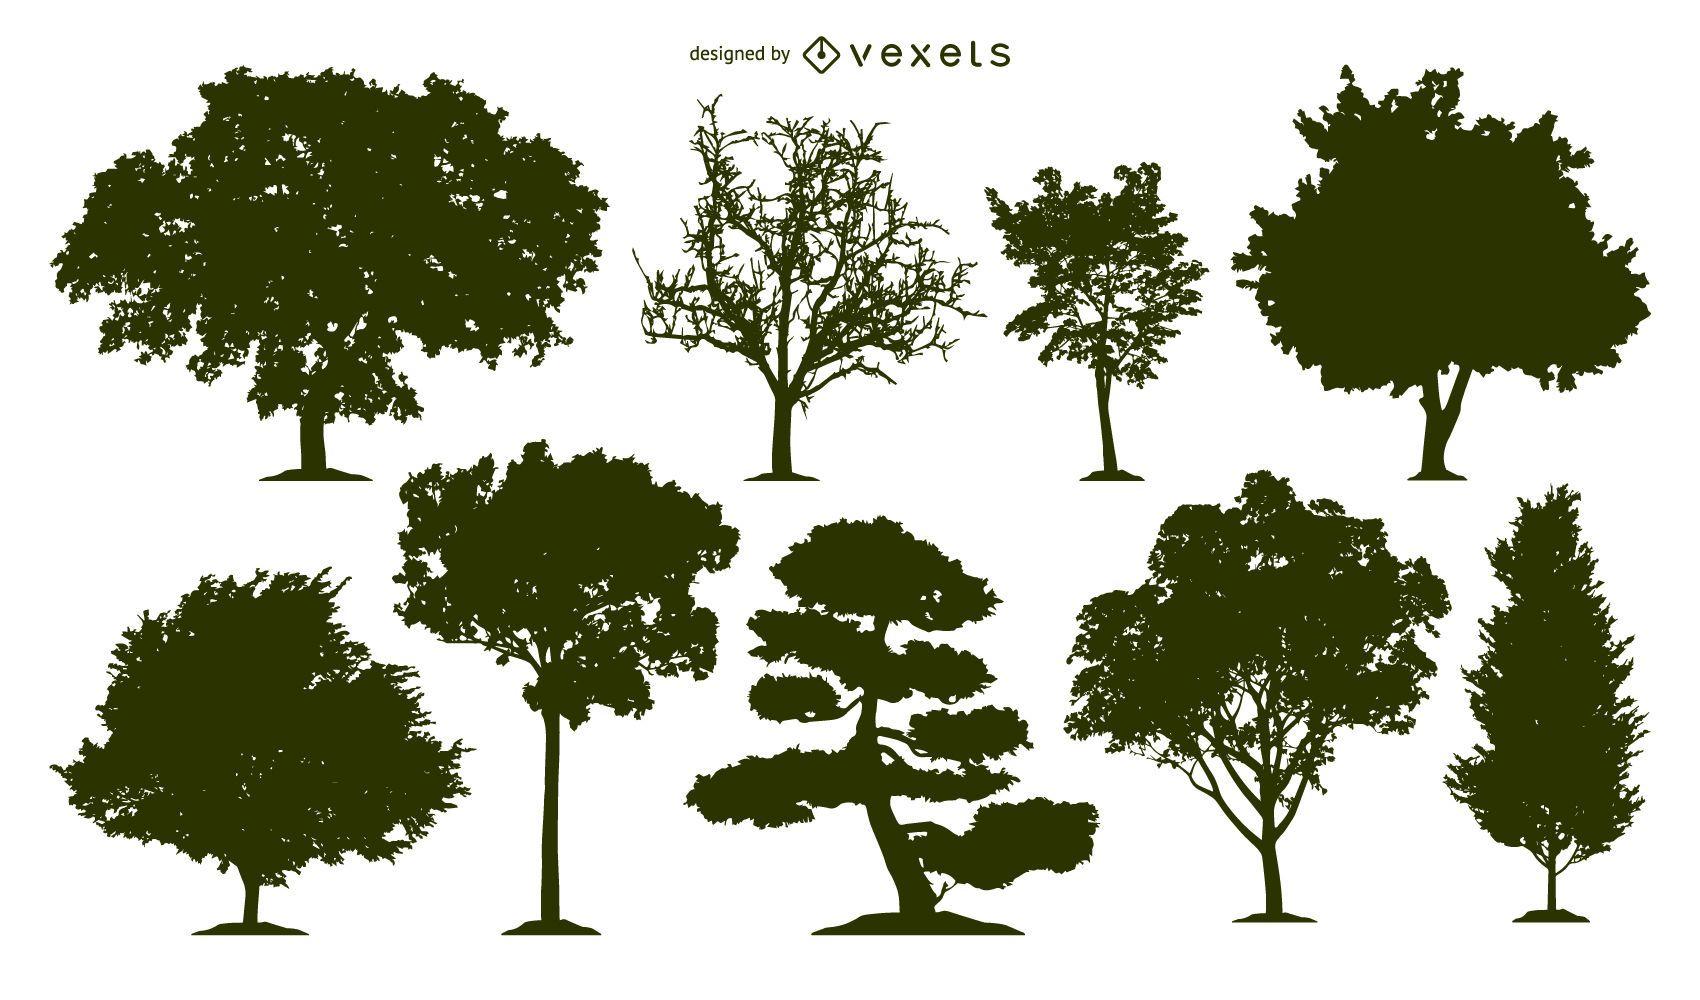 Conjunto de 9 siluetas de árboles